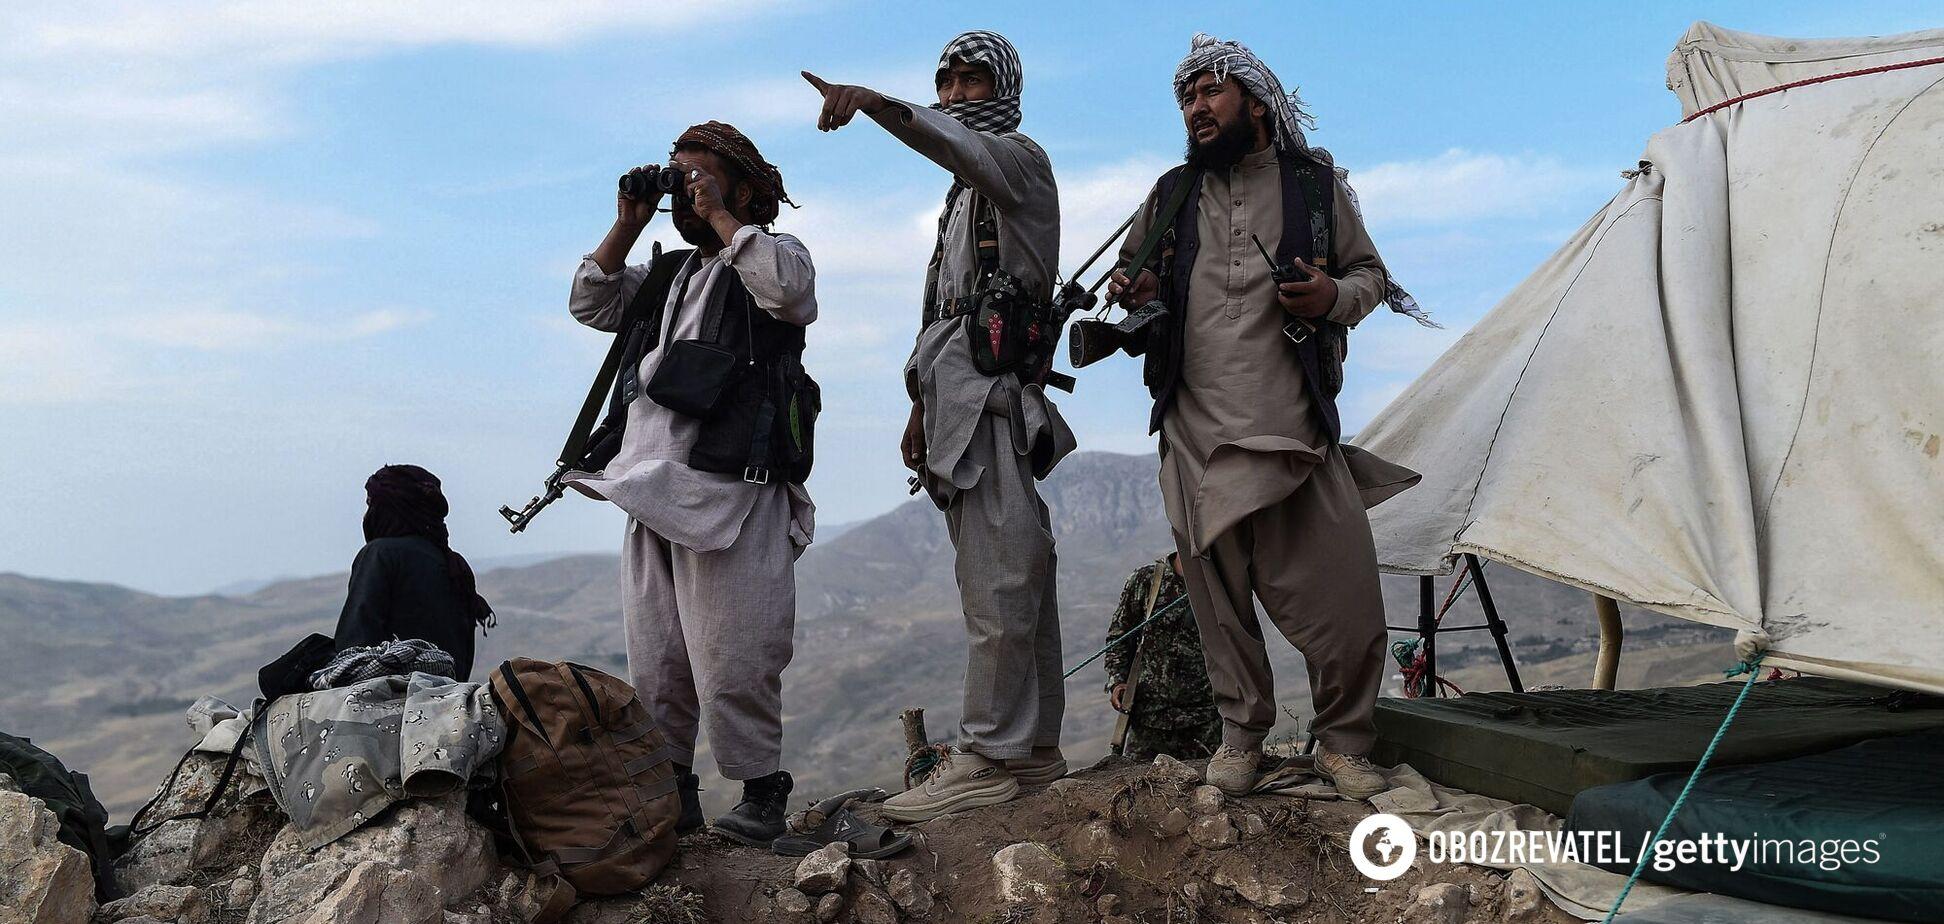 В Афганістані бойовики відкрили стрілянину по авто: загинули три особи, серед них – журналіст